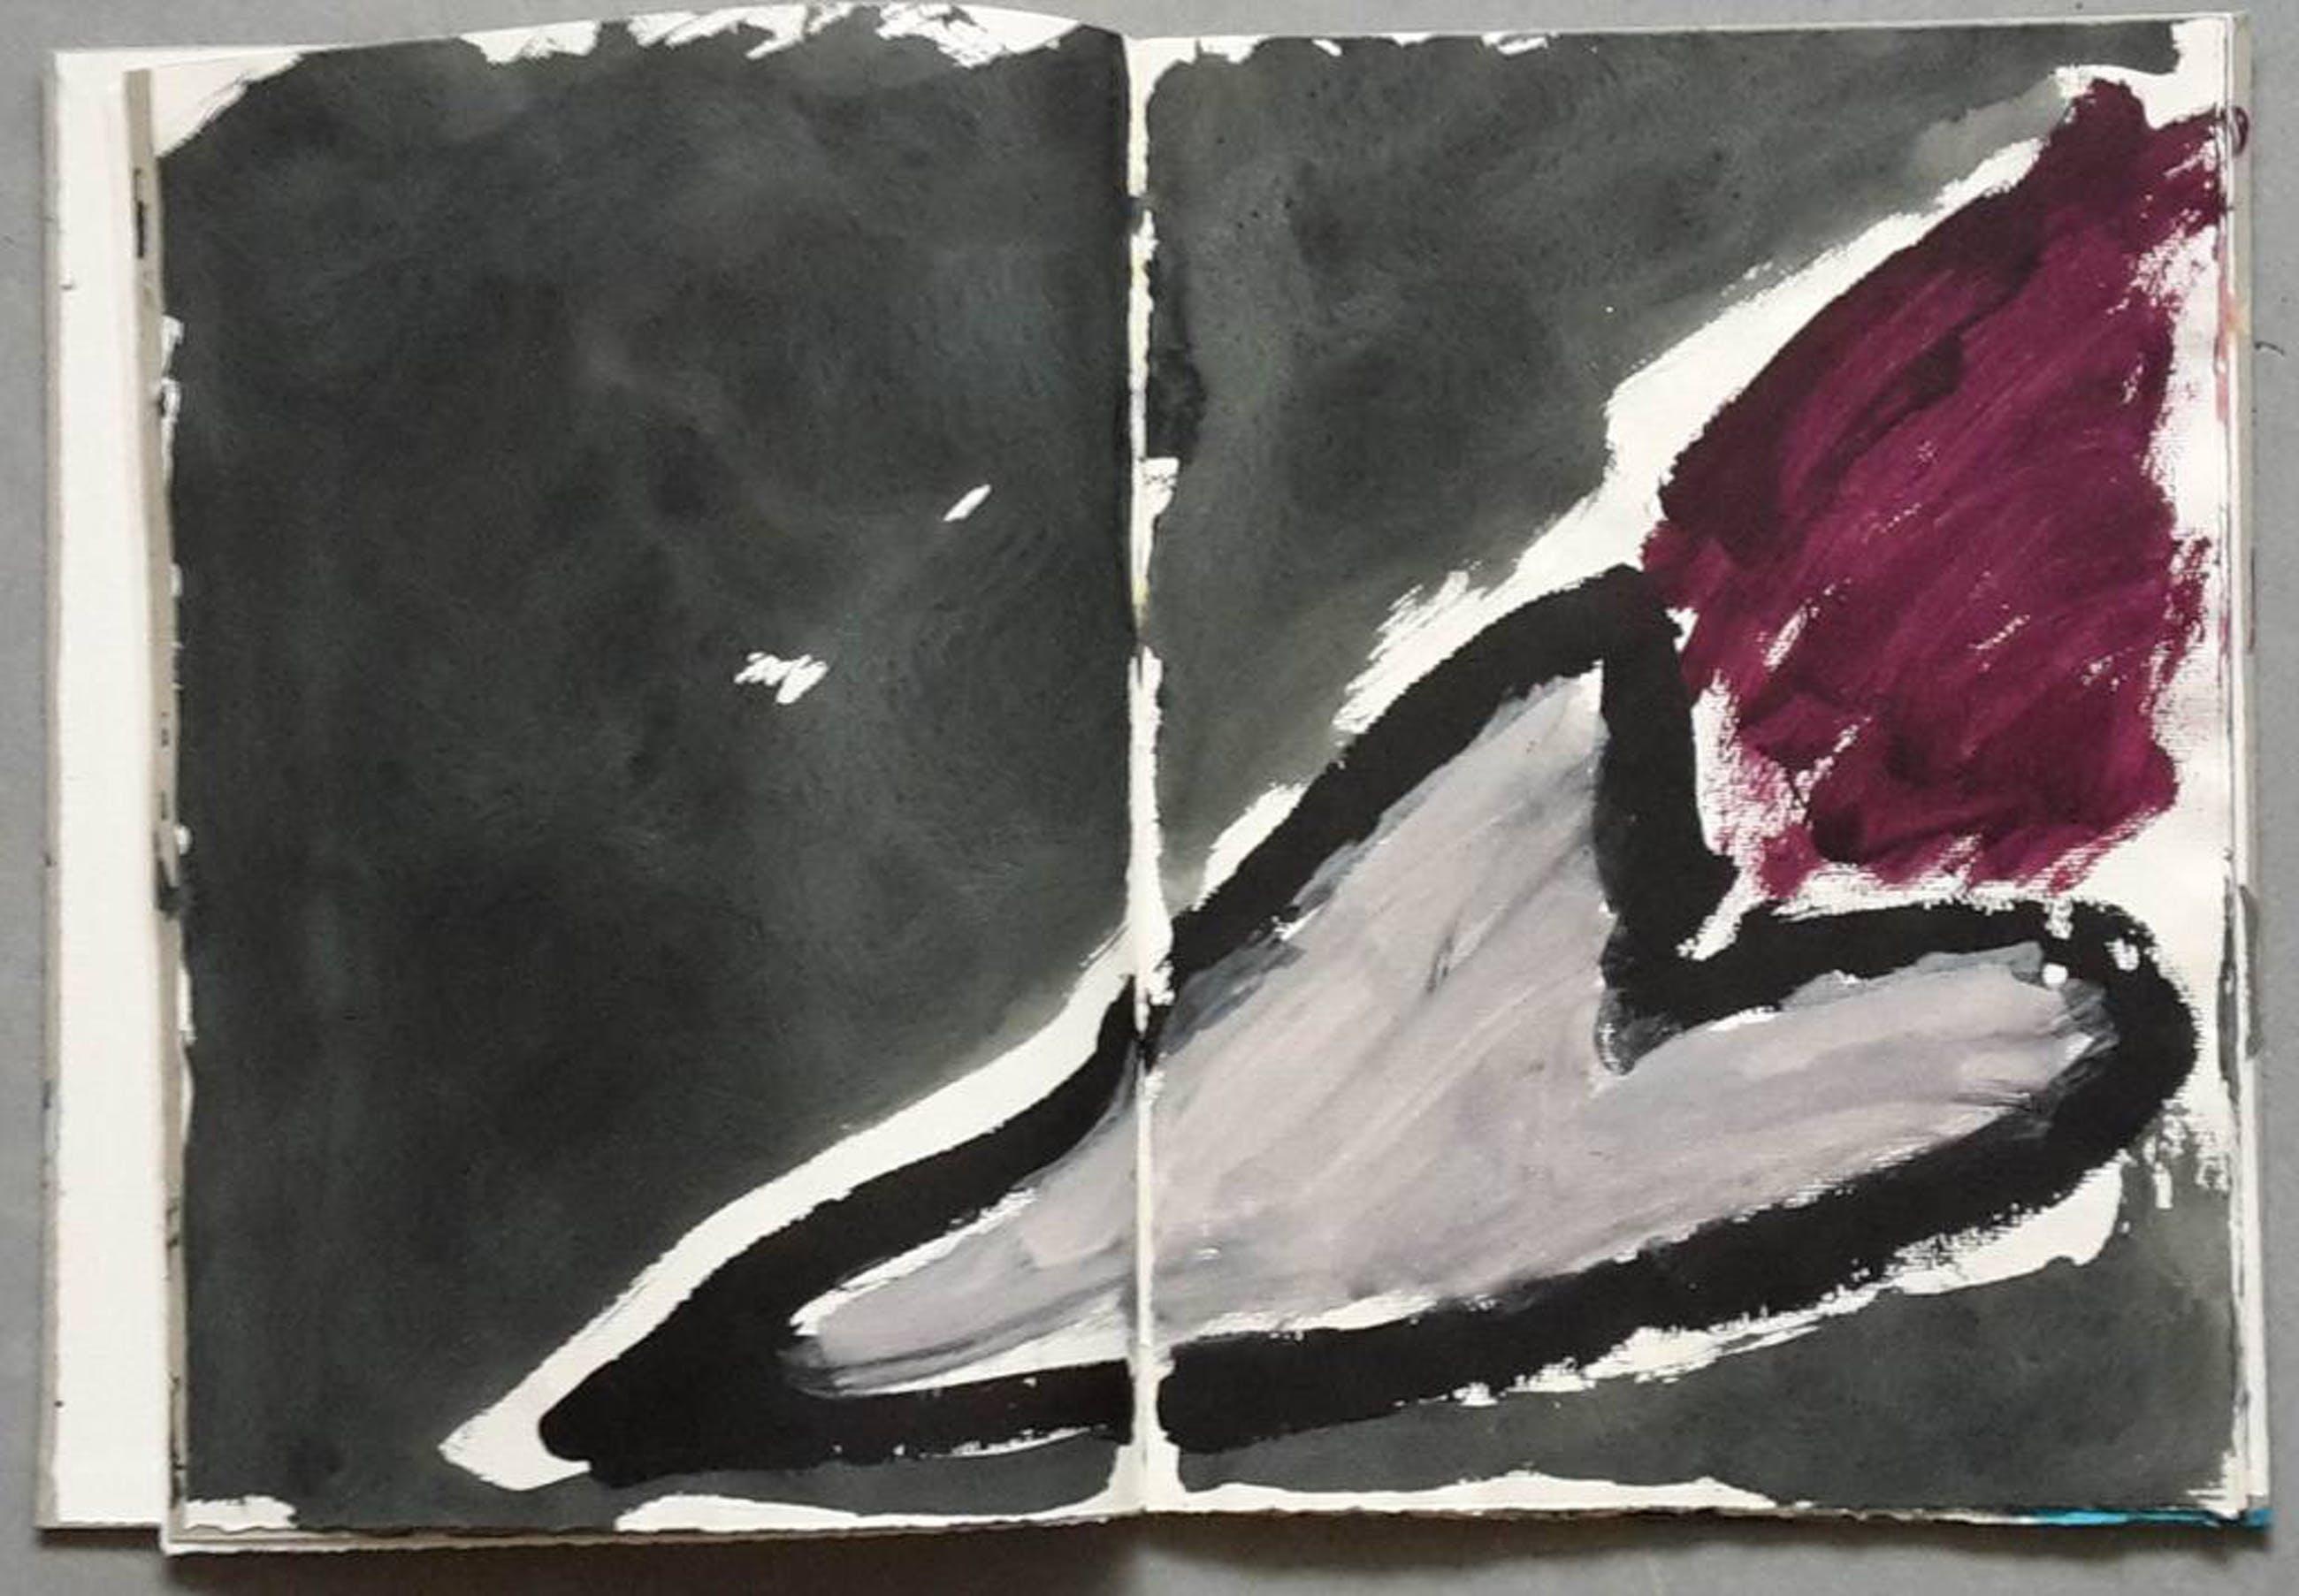 Titus Nolte, gouaches in opdracht van het Apollohuis, 1983 kopen? Bied vanaf 40!